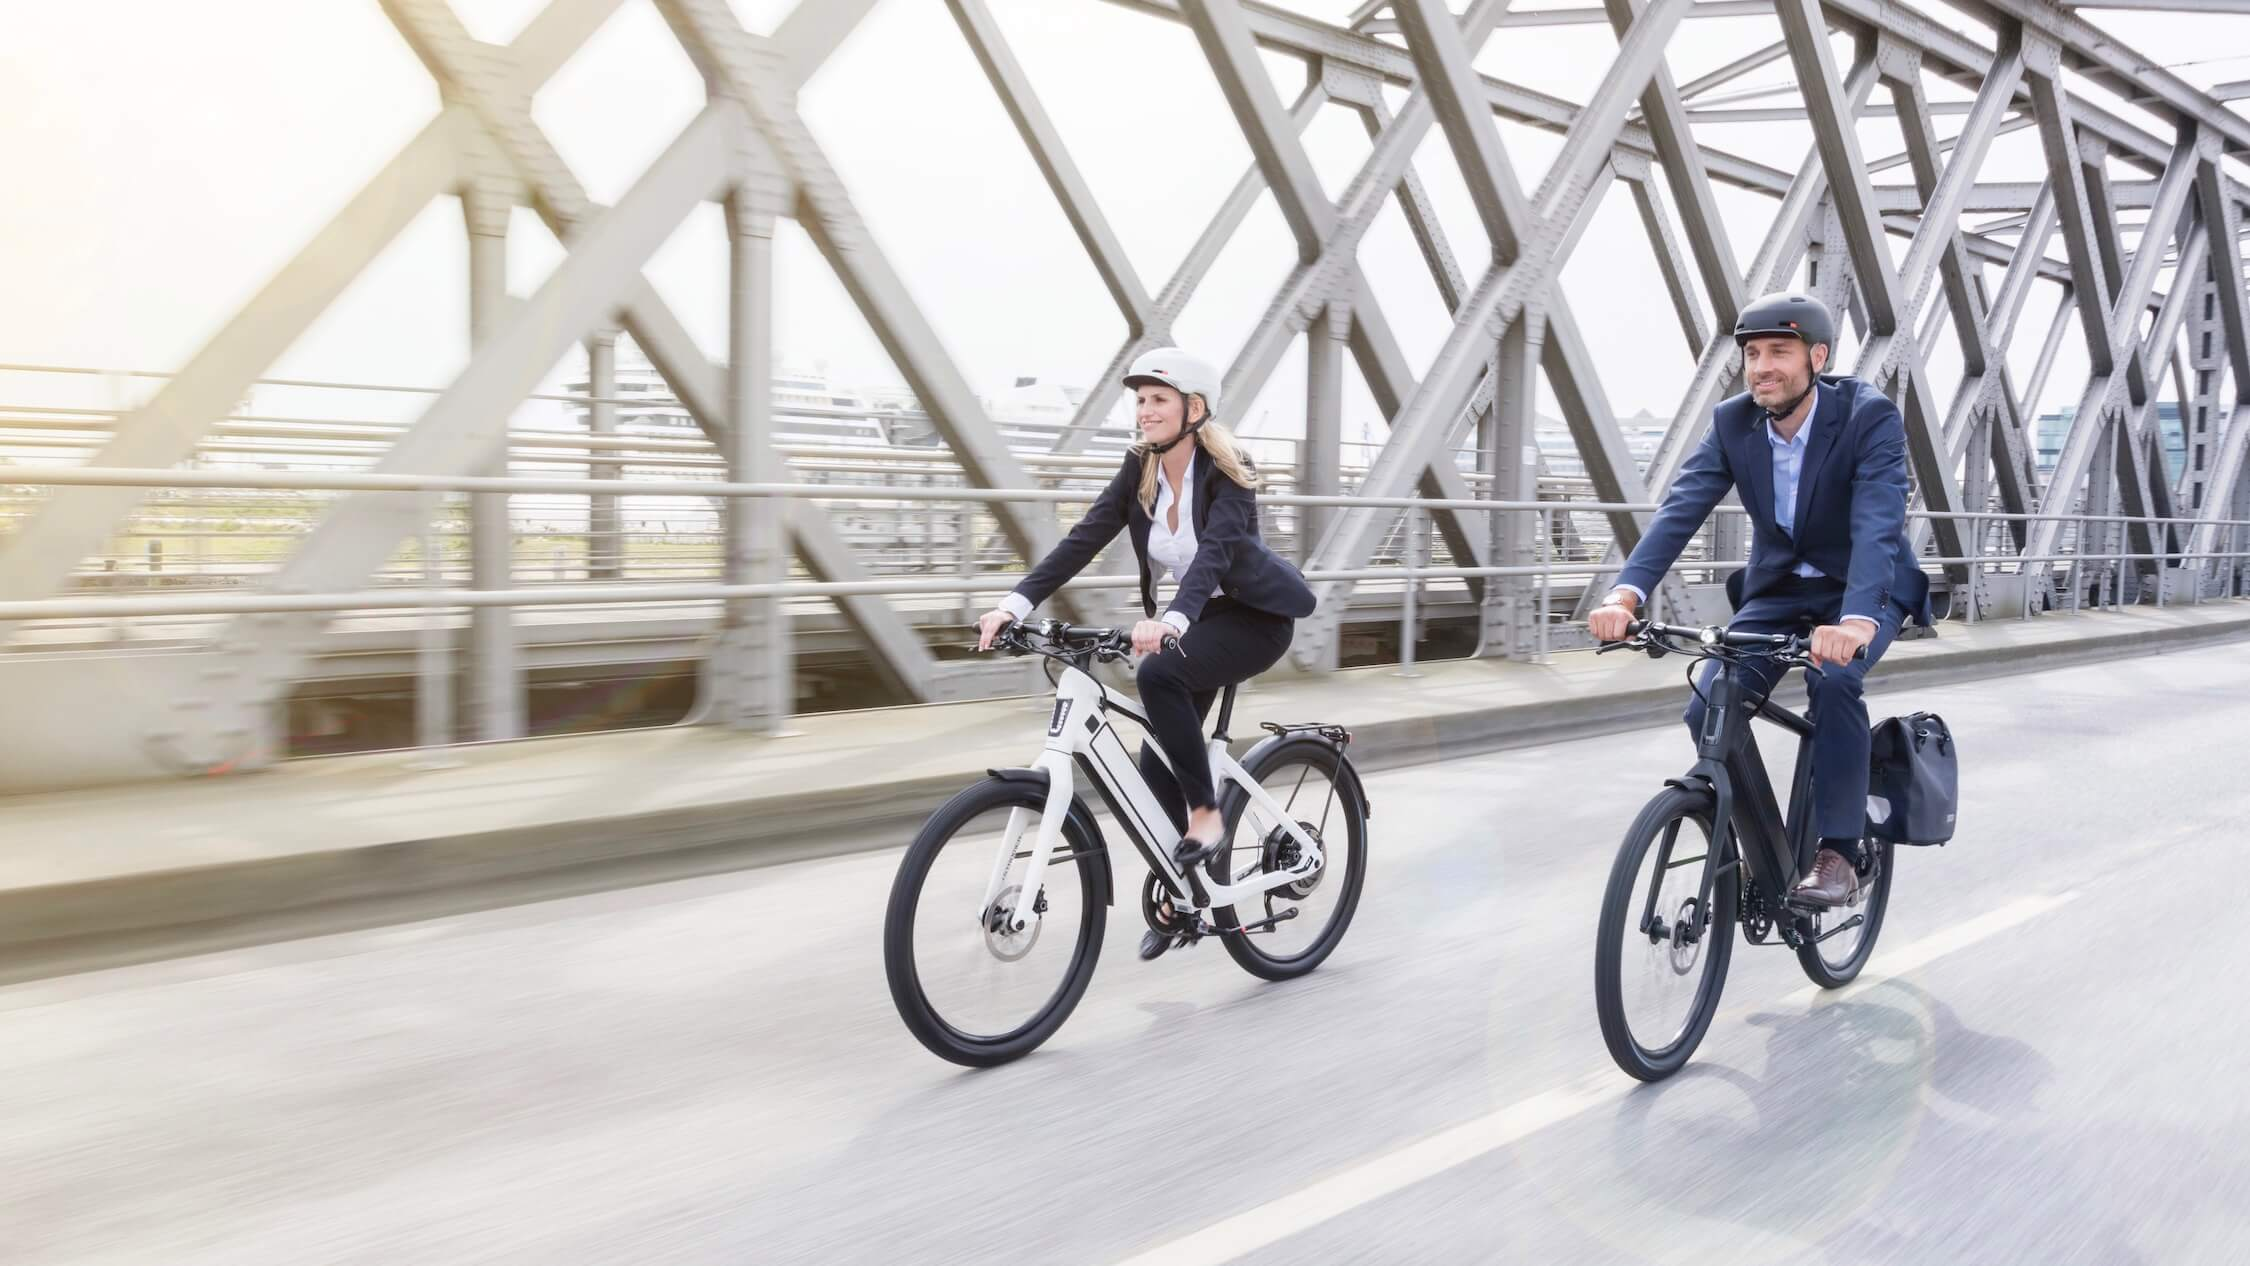 snelle elektrische fietsen foto